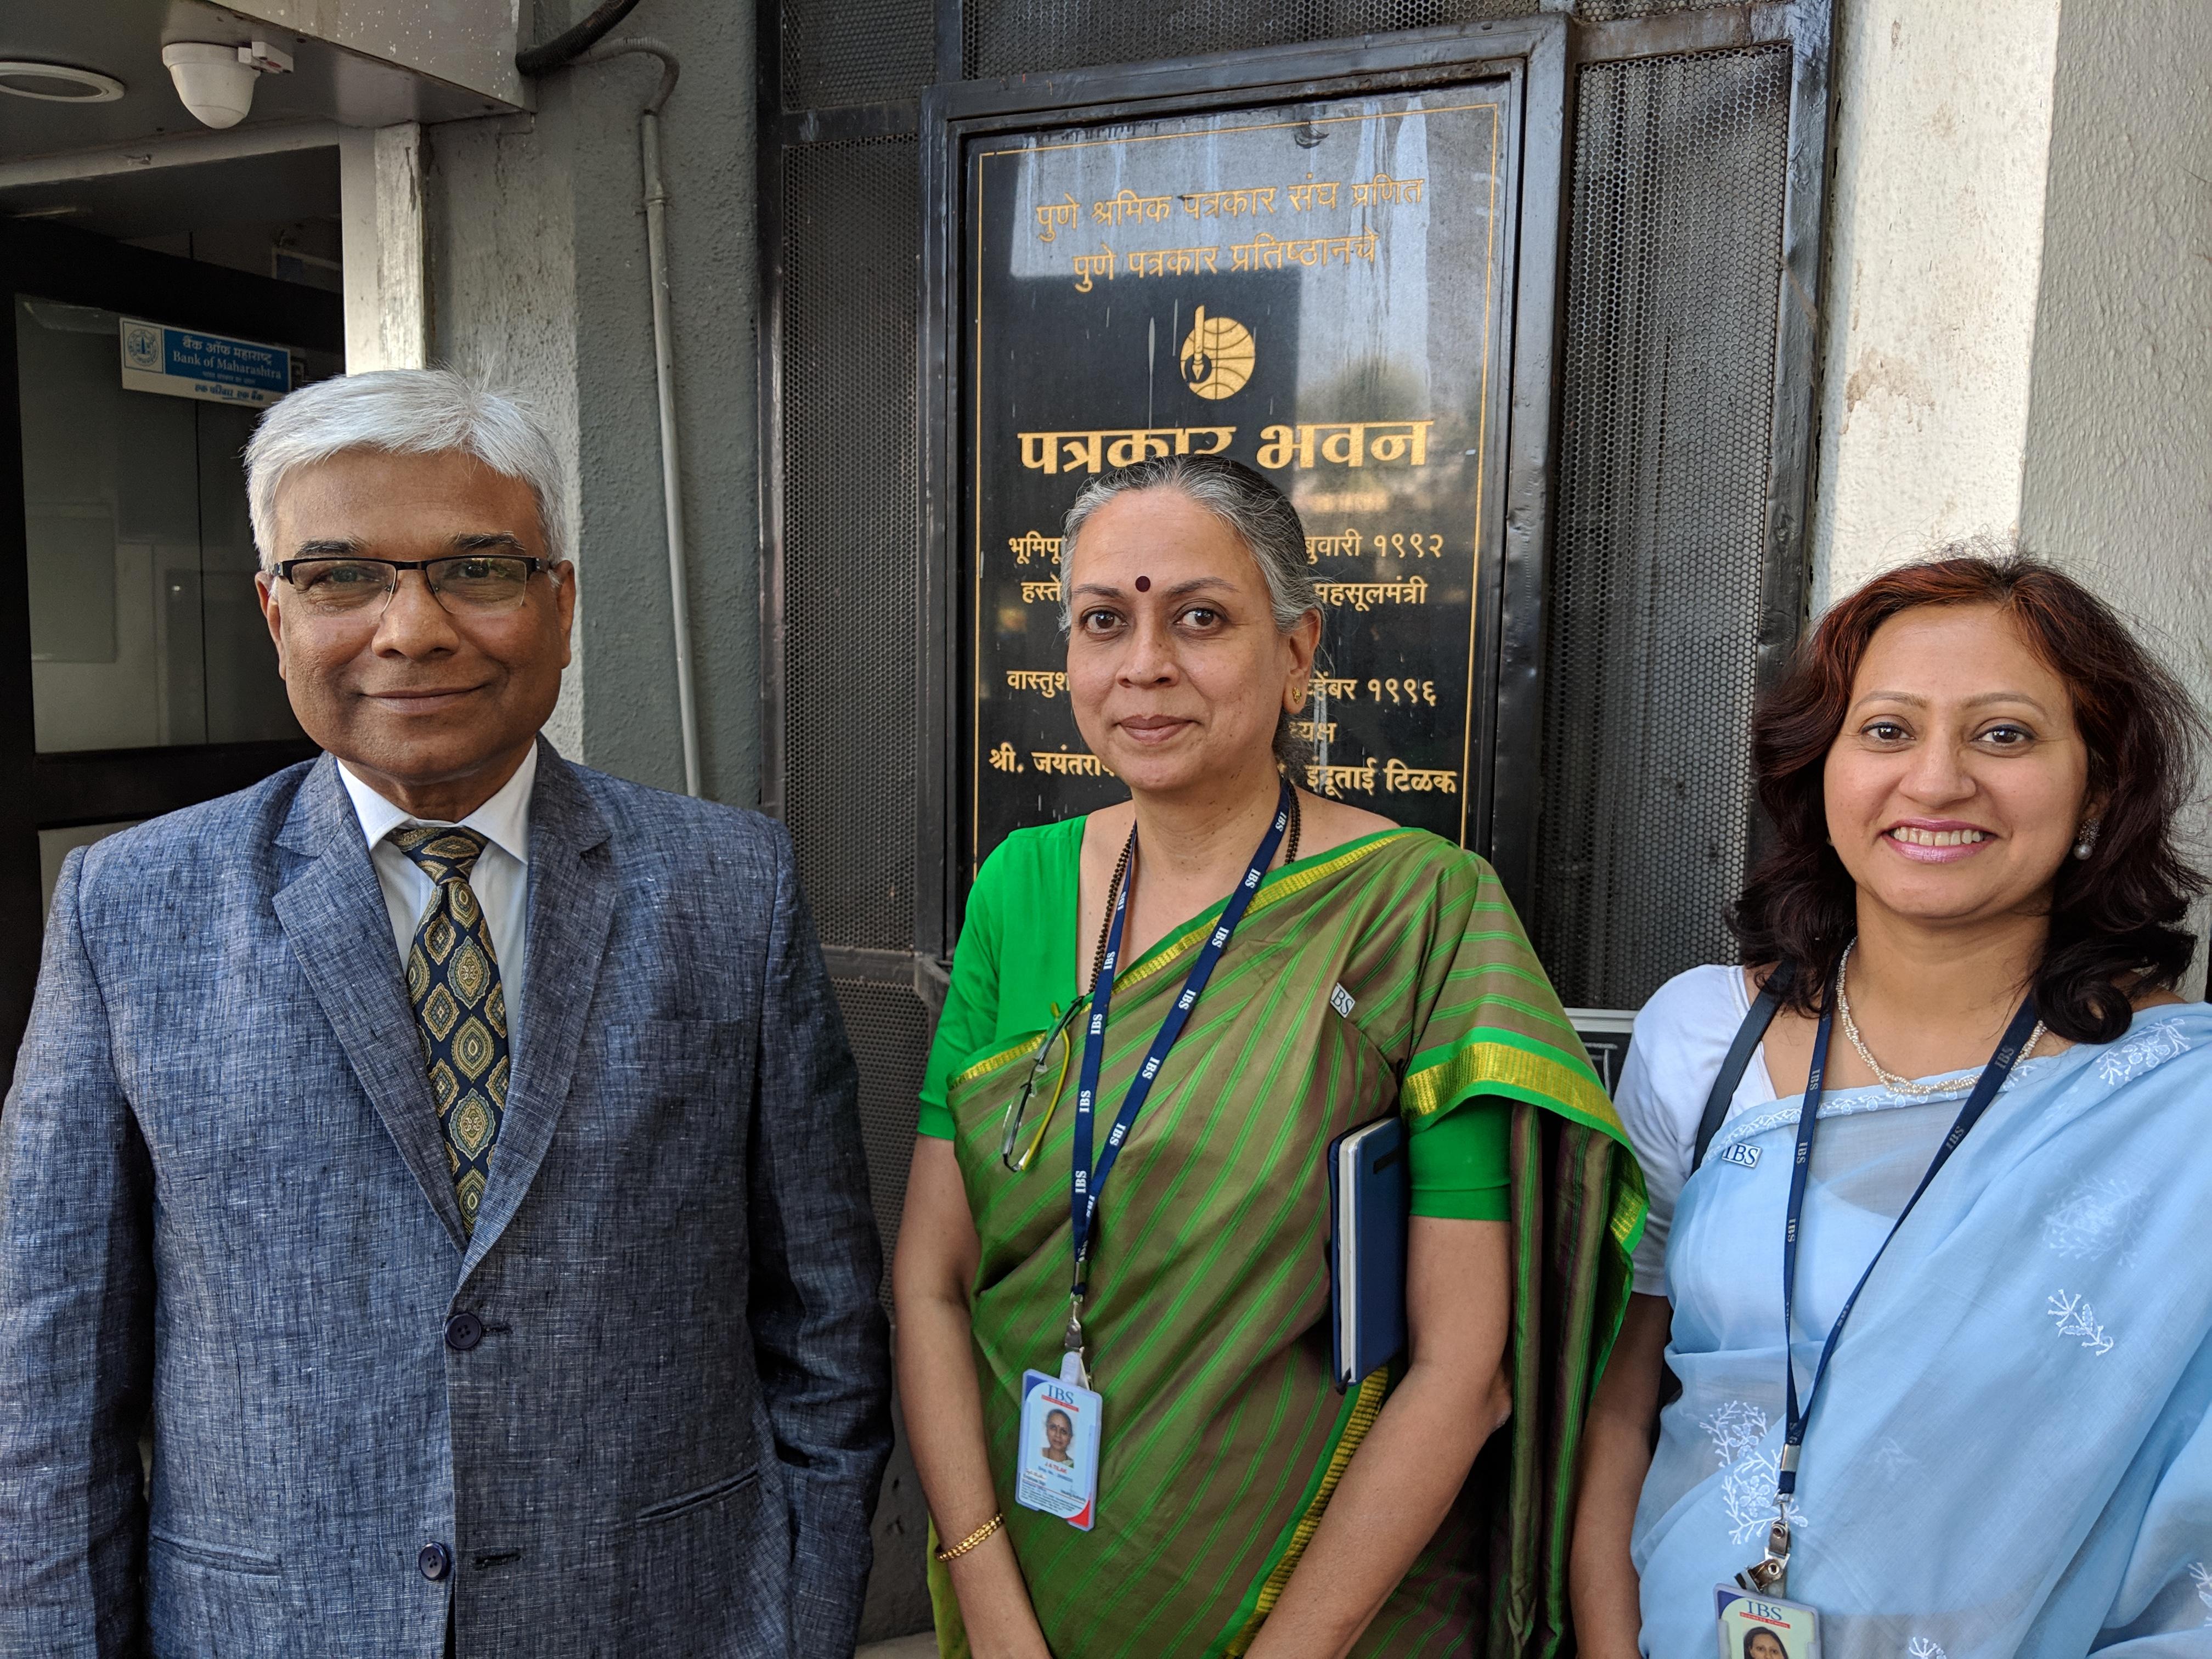 आईबीएस पुणे द्वारा नवीन पीजीपीएम कोर्स सुरु